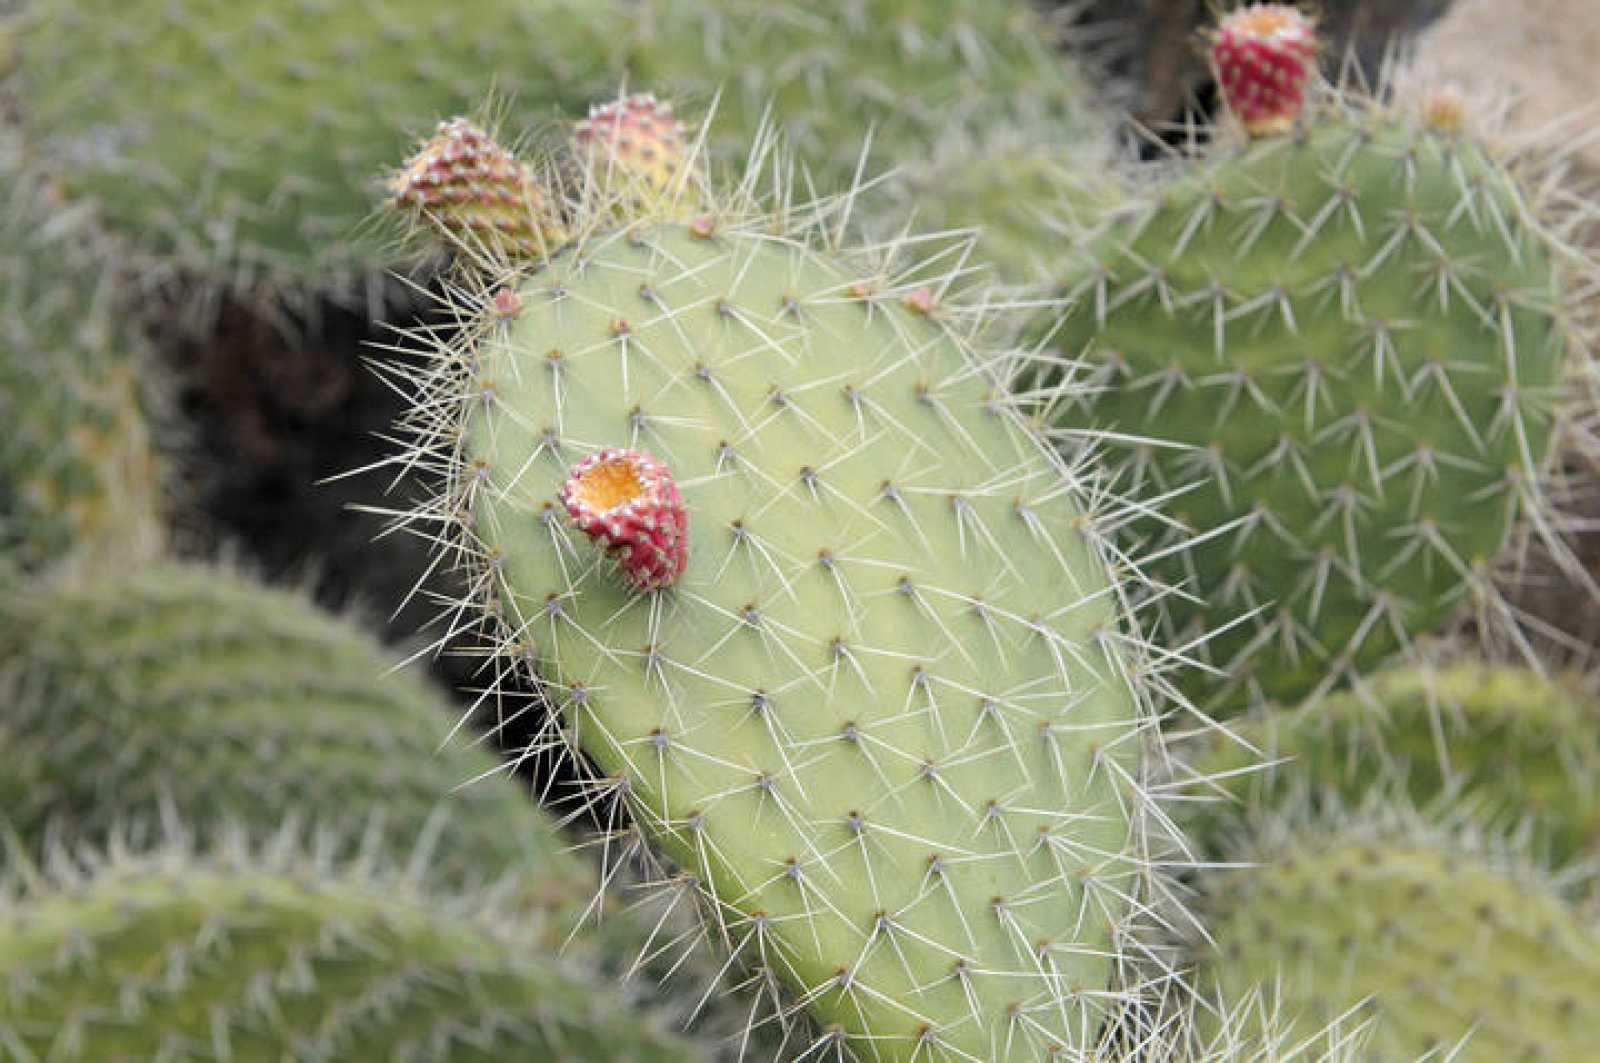 Las espinas ayudan al cactus a aguantar temperaturas de hasta 60ºC